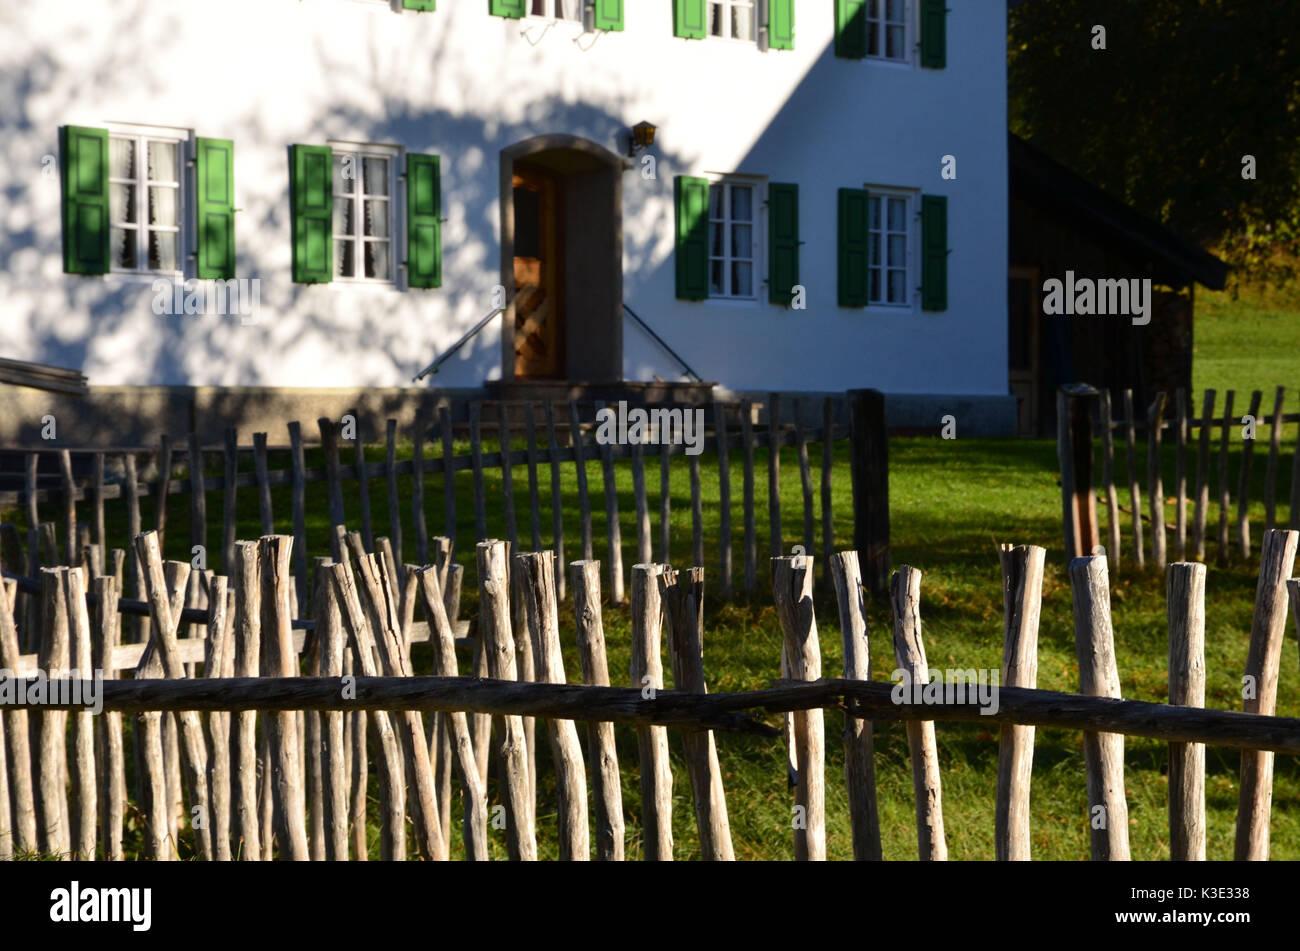 Holzzaun Garten Stock s & Holzzaun Garten Stock Alamy